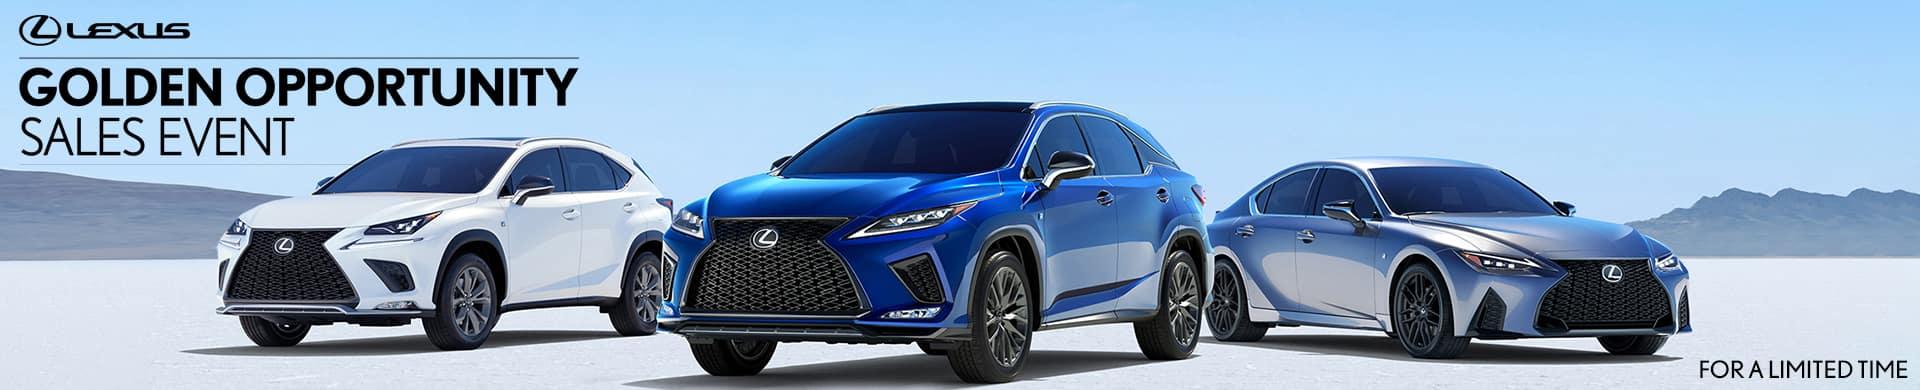 Lexus Golden Opportunity Sales Event